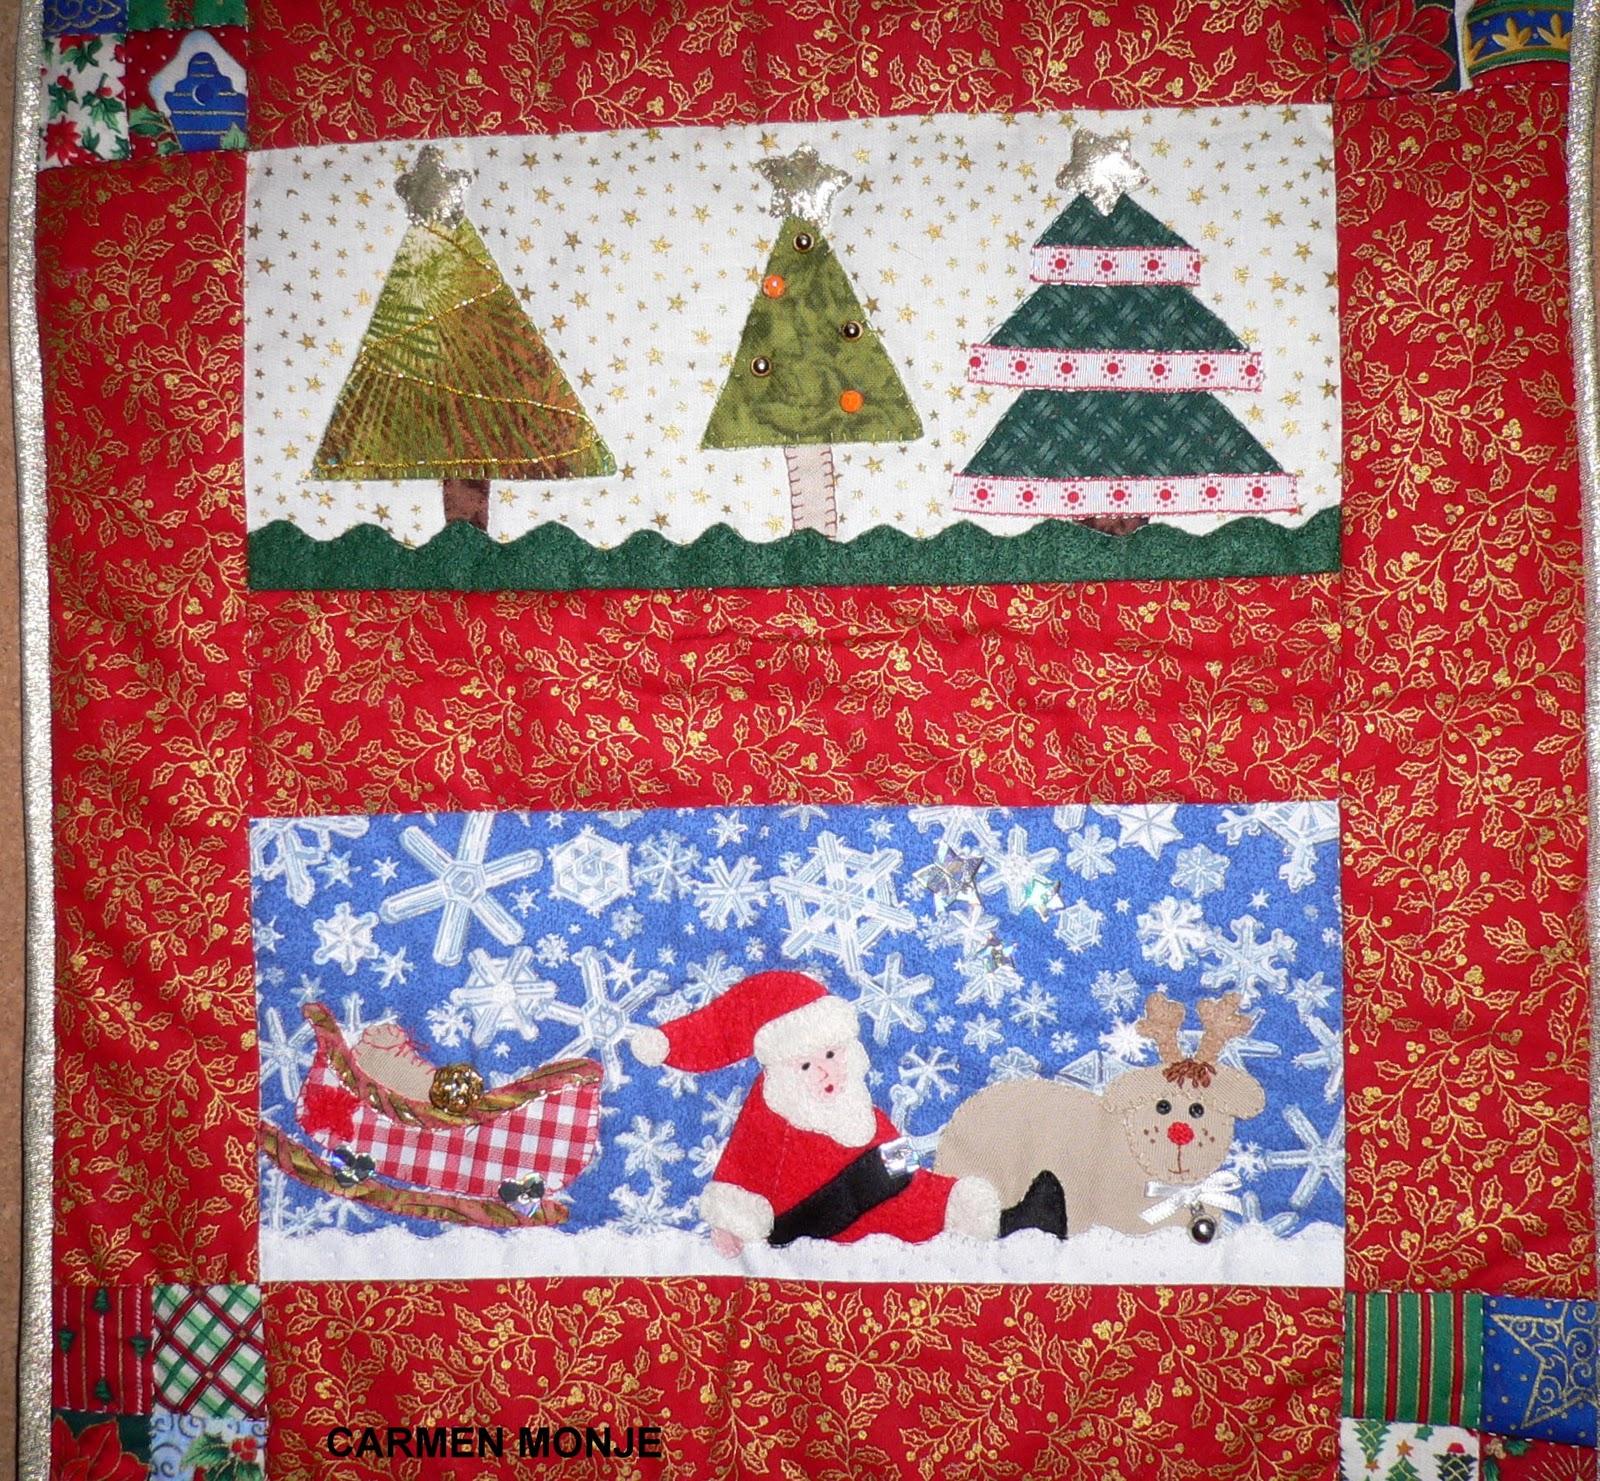 Trabajos de mis alumnas mural navide o de carmen monje for Mural navideno